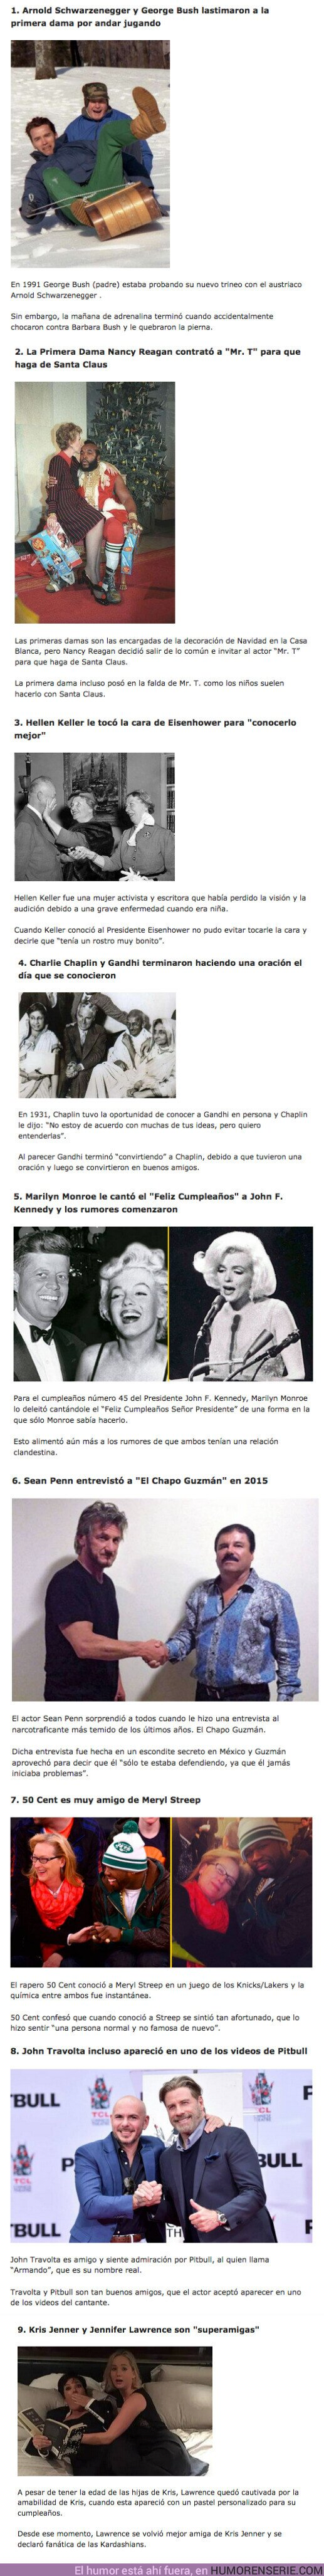 78567 - GALERÍA: Las 9 Amistades más RANDOM que han sucedido entre famosos